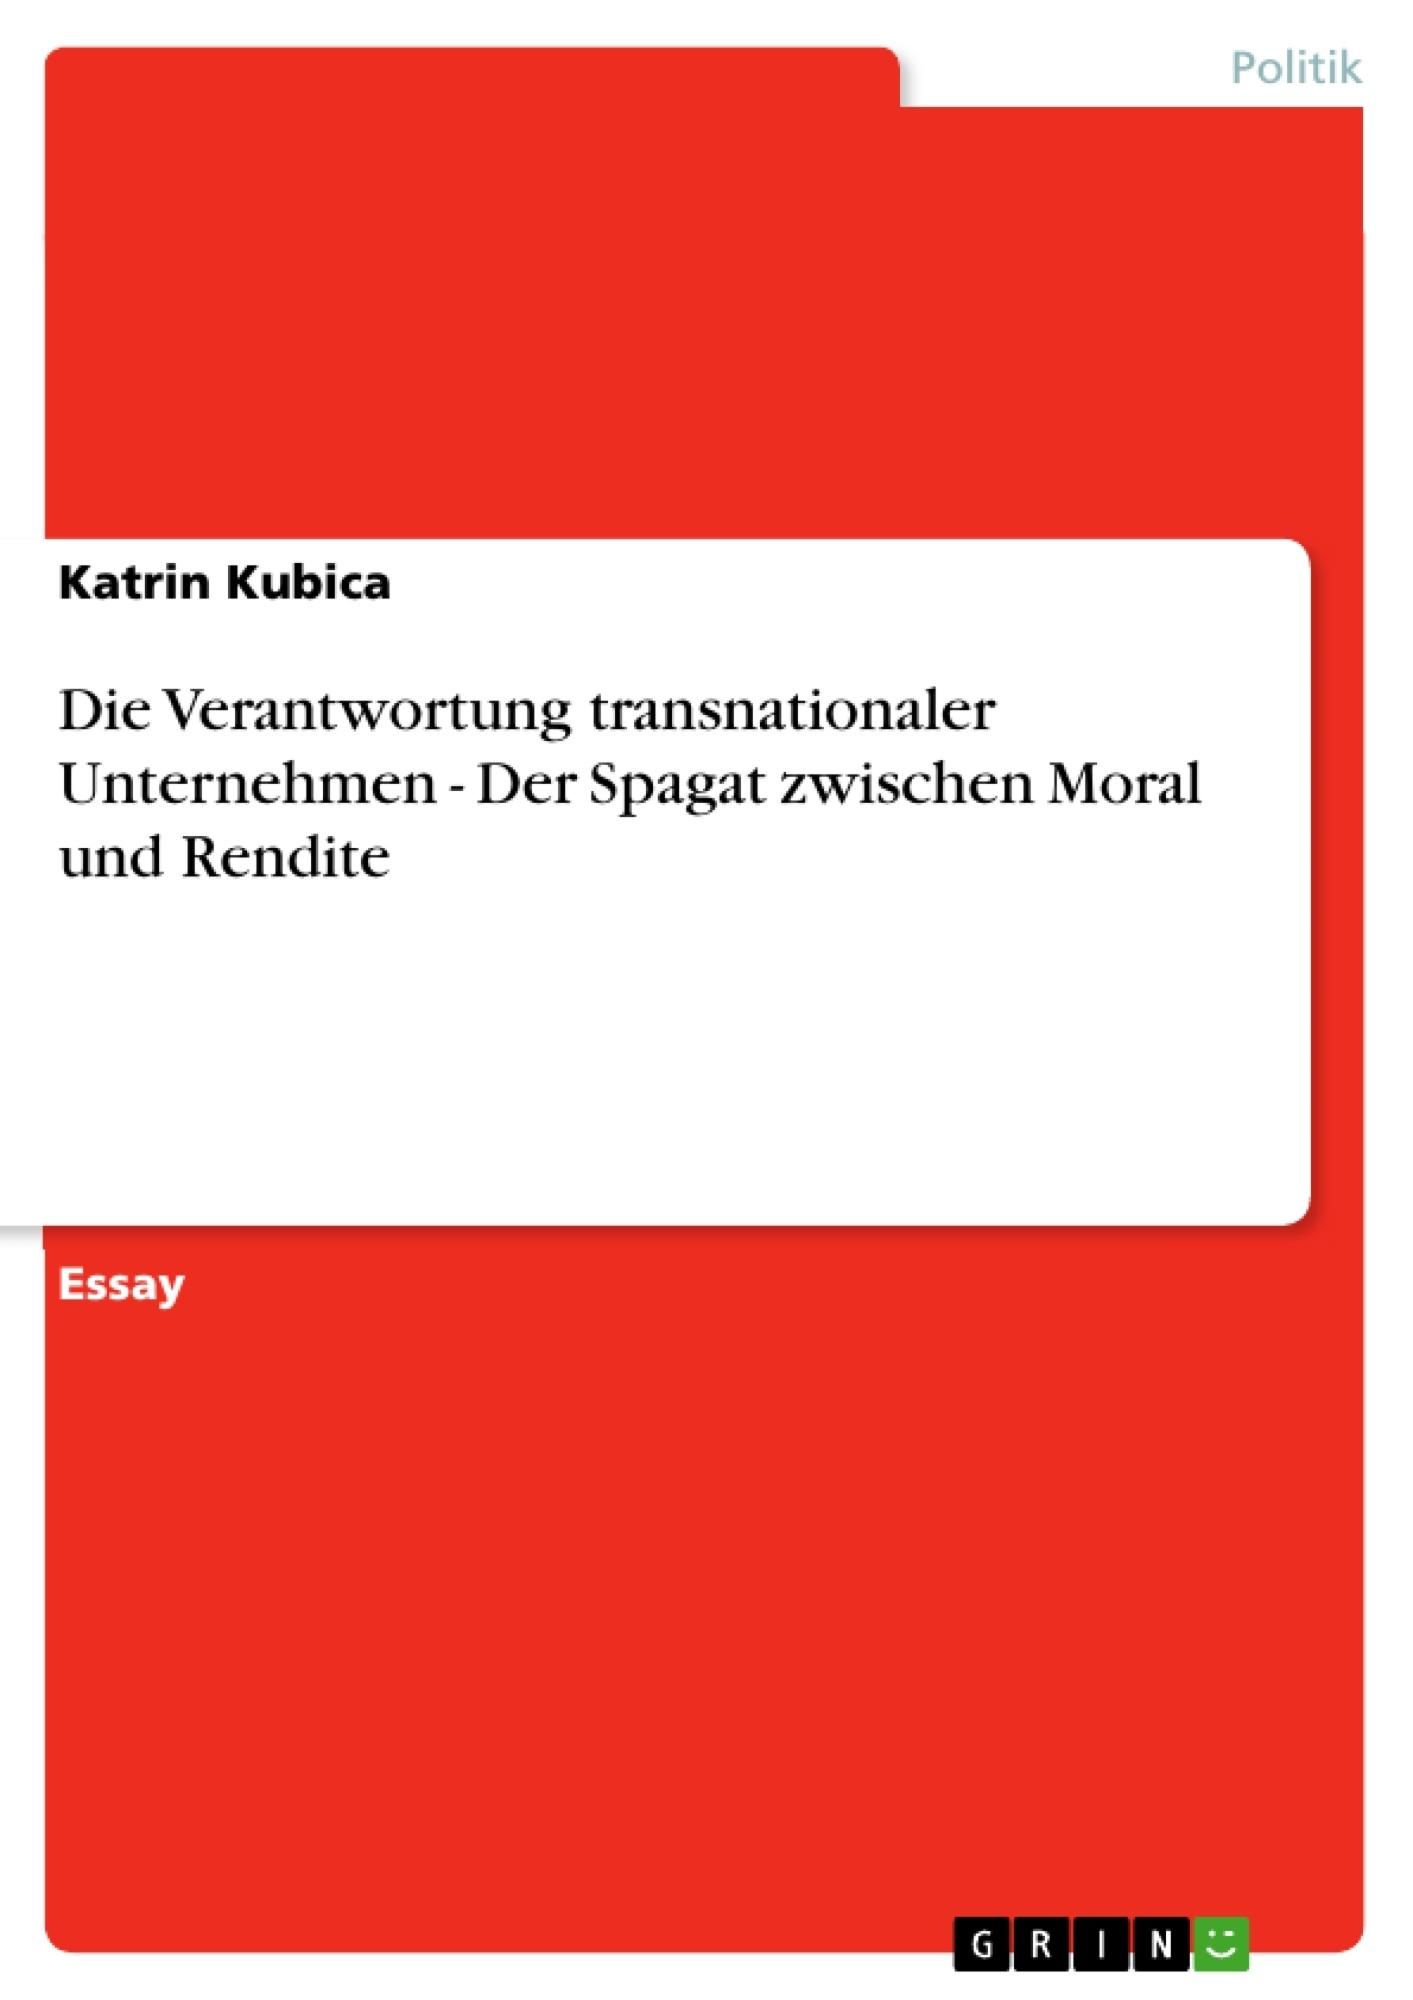 Titel: Die Verantwortung transnationaler Unternehmen  -  Der Spagat zwischen Moral und Rendite